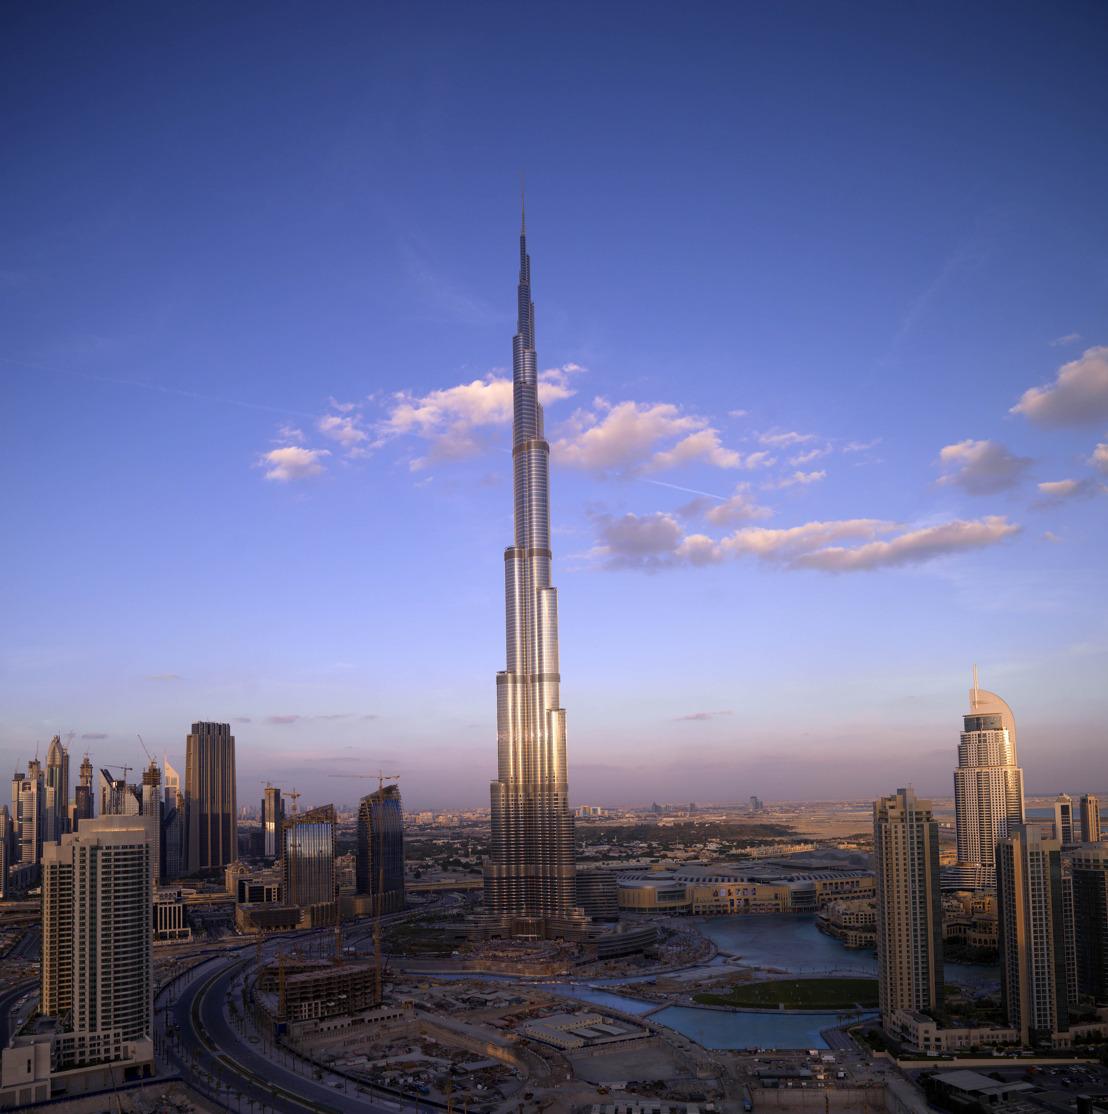 عطلات فلاي دبي توفر باقات خاصة لمسافري المملكة بمناسبة اليوم الوطني